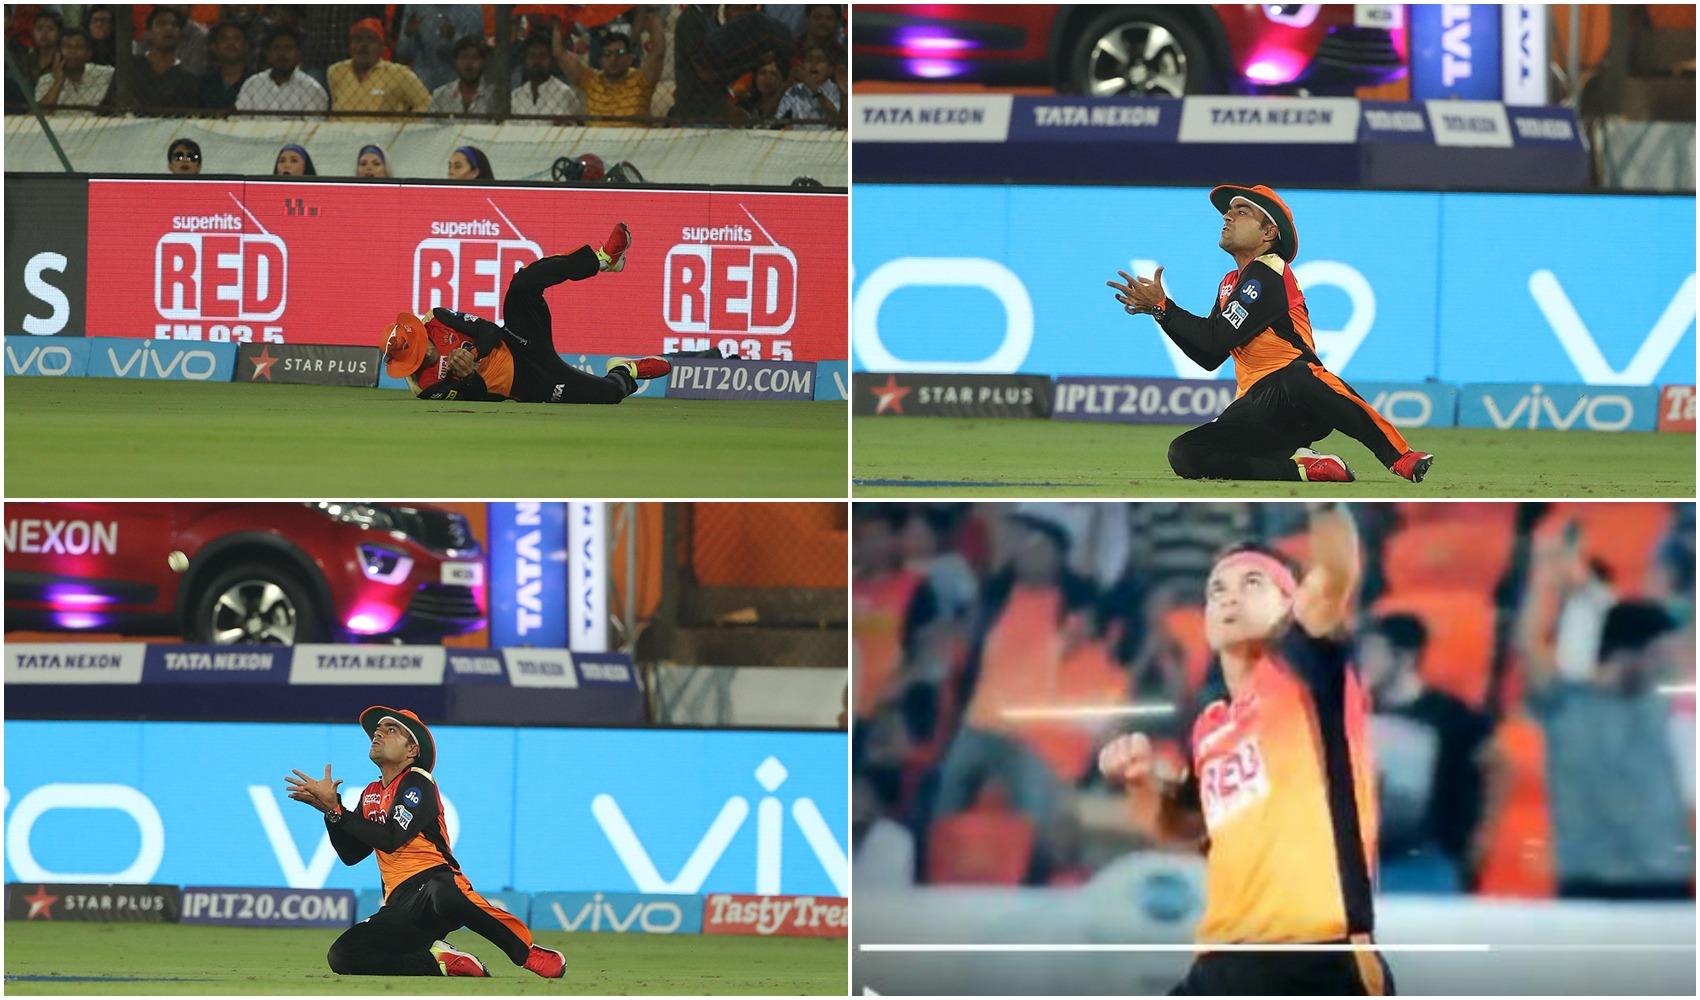 VIDEO: 6.5 ओवर पर राशिद खान ने लिया अजिंक्य रहाणे का शानदार कैच तो ये क्या कर बैठे गेंदबाज सिद्धार्थ कौल 36